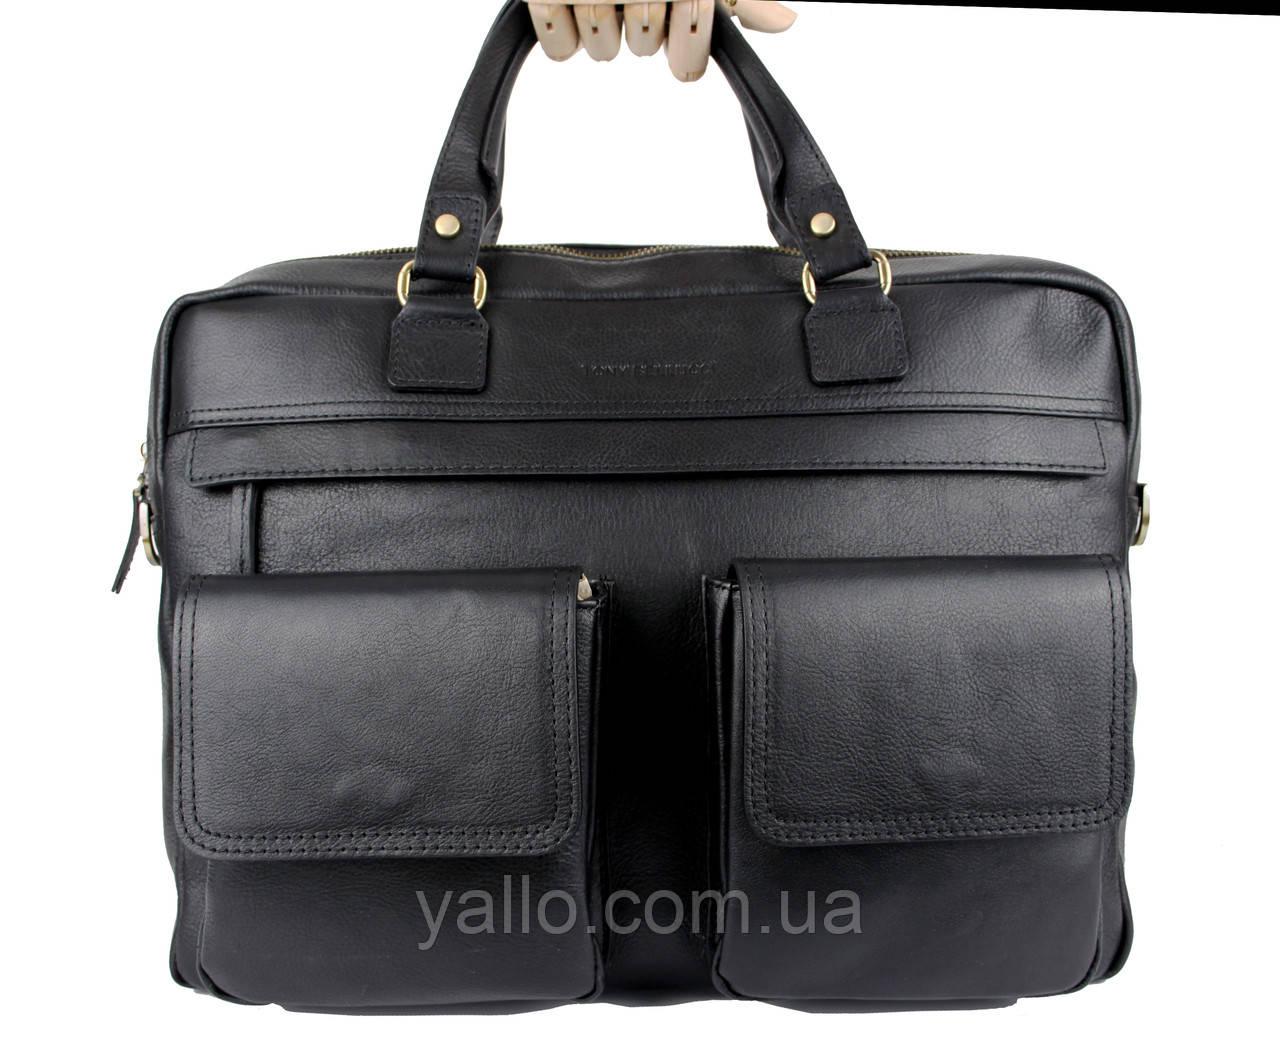 Мужская кожаная сумка T5122-900 Tony Bellucci